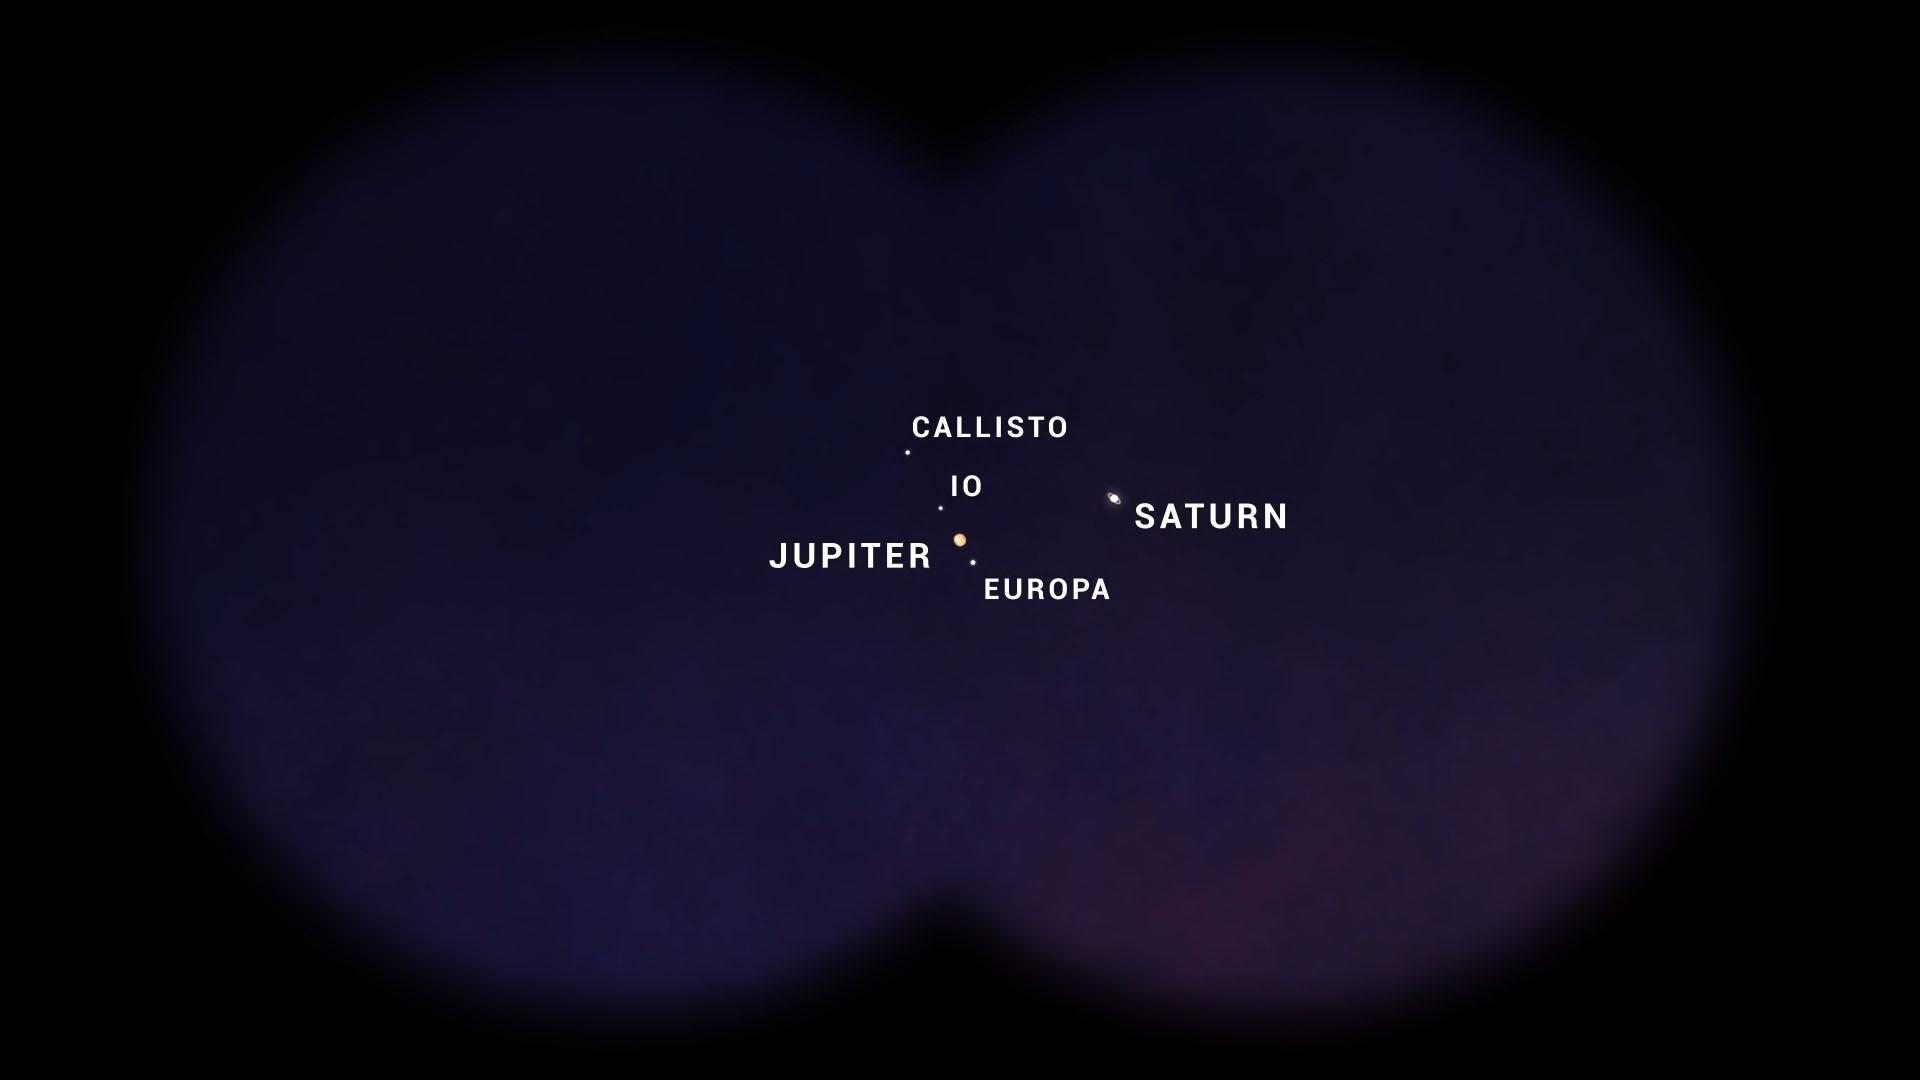 """Le 21 décembre 2020, Jupiter et Saturne n'apparaîtront qu'à un dixième de degré l'un de l'autre, soit à peu près l'épaisseur d'un sou tenu à bout de bras, selon la NASA.  Pendant l'événement, connu sous le nom de """"grande conjonction,"""" les deux planètes (et leurs lunes) seront visibles dans le même champ de vision à travers des jumelles ou un télescope."""